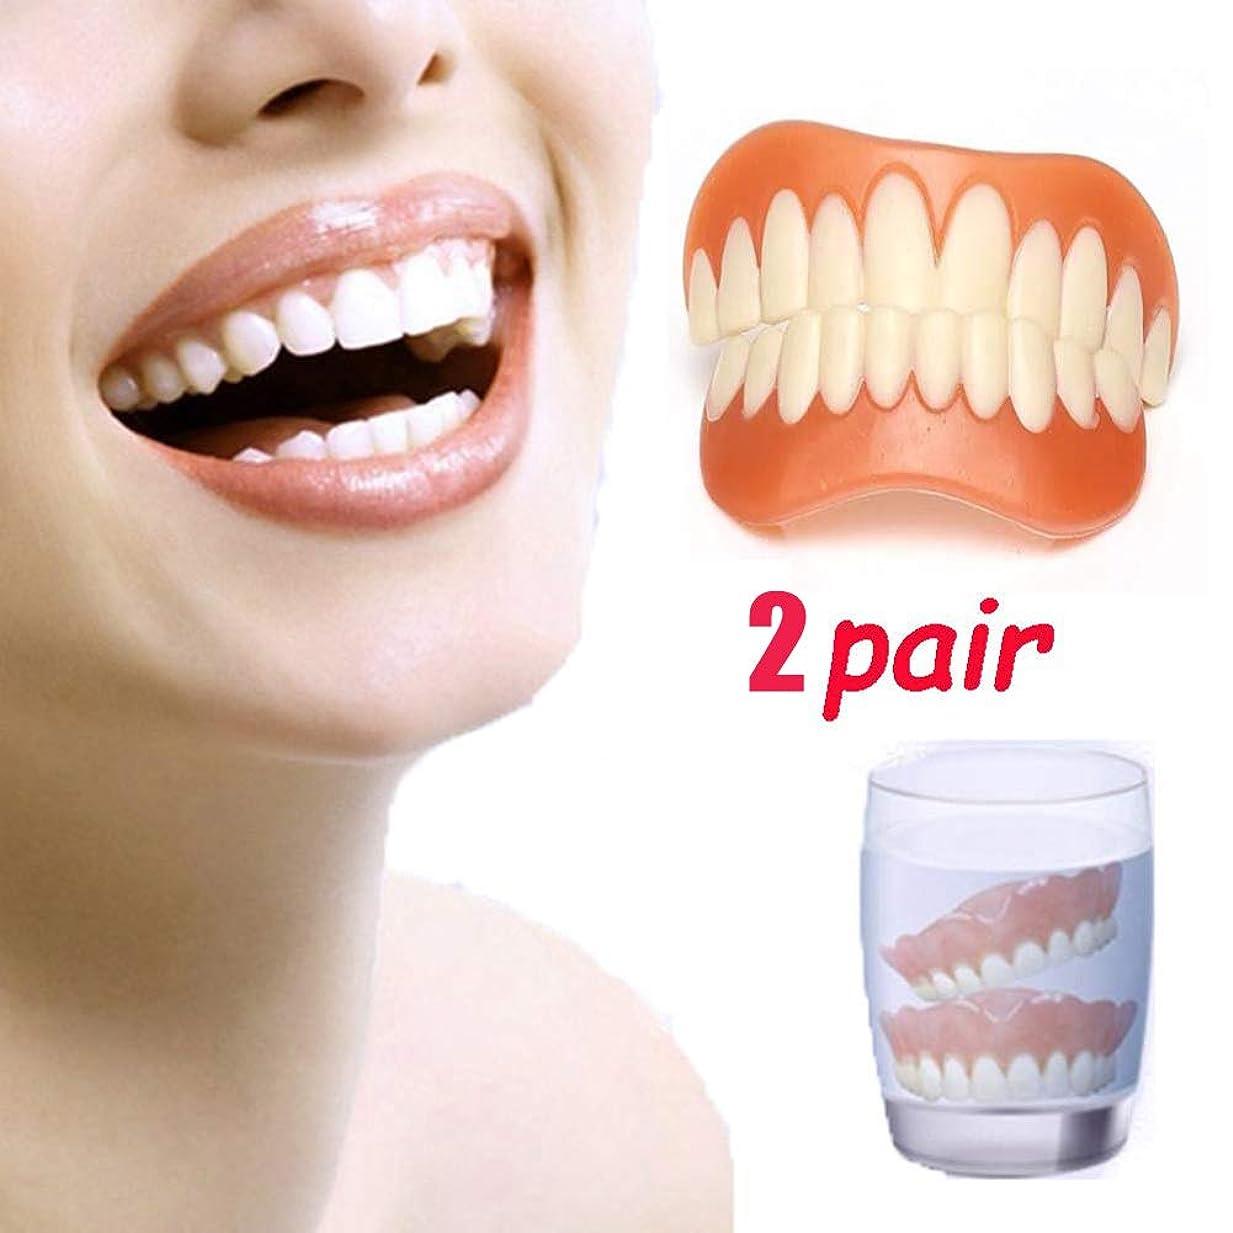 おばさんビーチ樹皮2ペアスナップスマイル化粧品の歯再使用可能な快適さの歯の化粧品のステッカーあなたが常に欲しかったことをその笑顔を得る